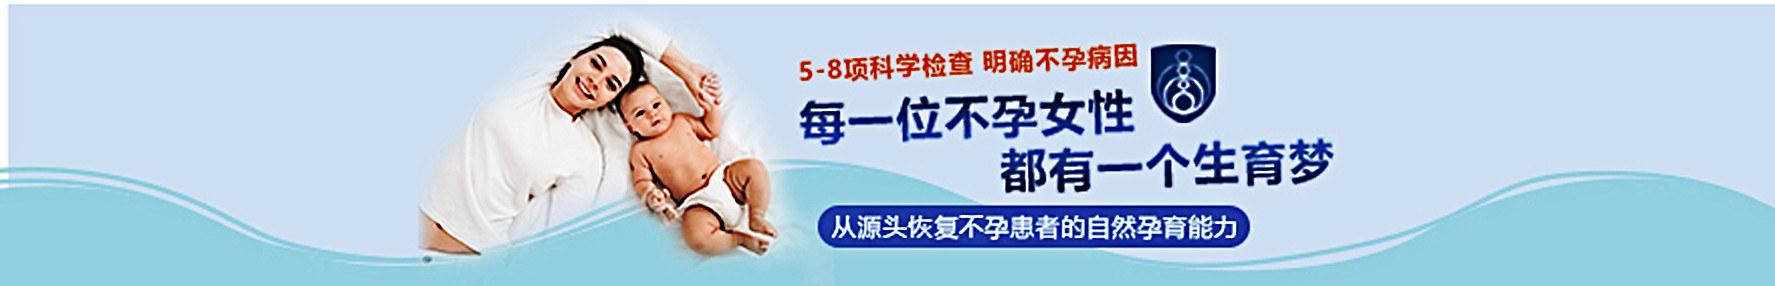 青岛建中妇女医院